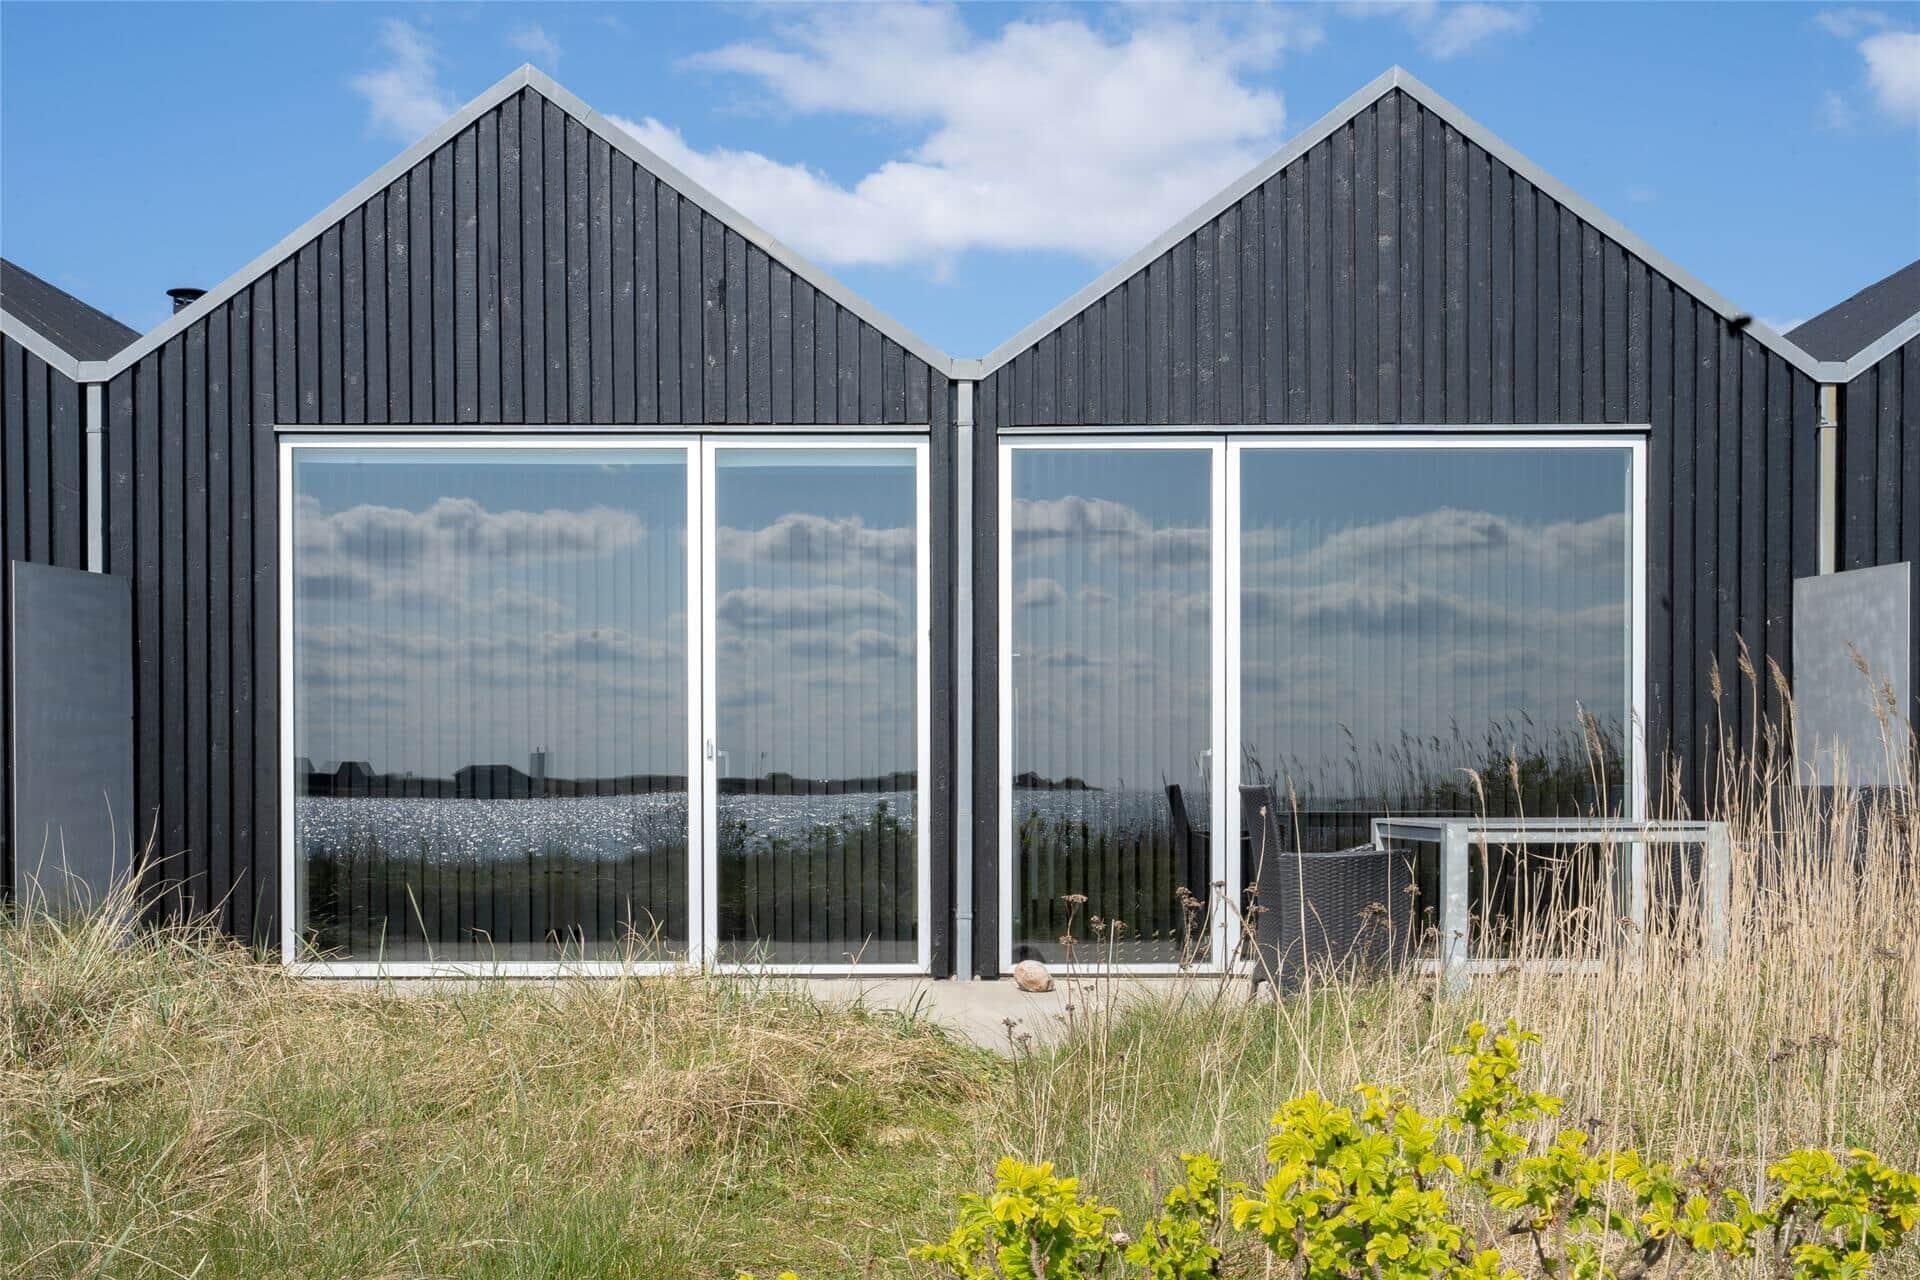 Image 1-4 Holiday-home 703, Slusen 3, DK - 6960 Hvide Sande